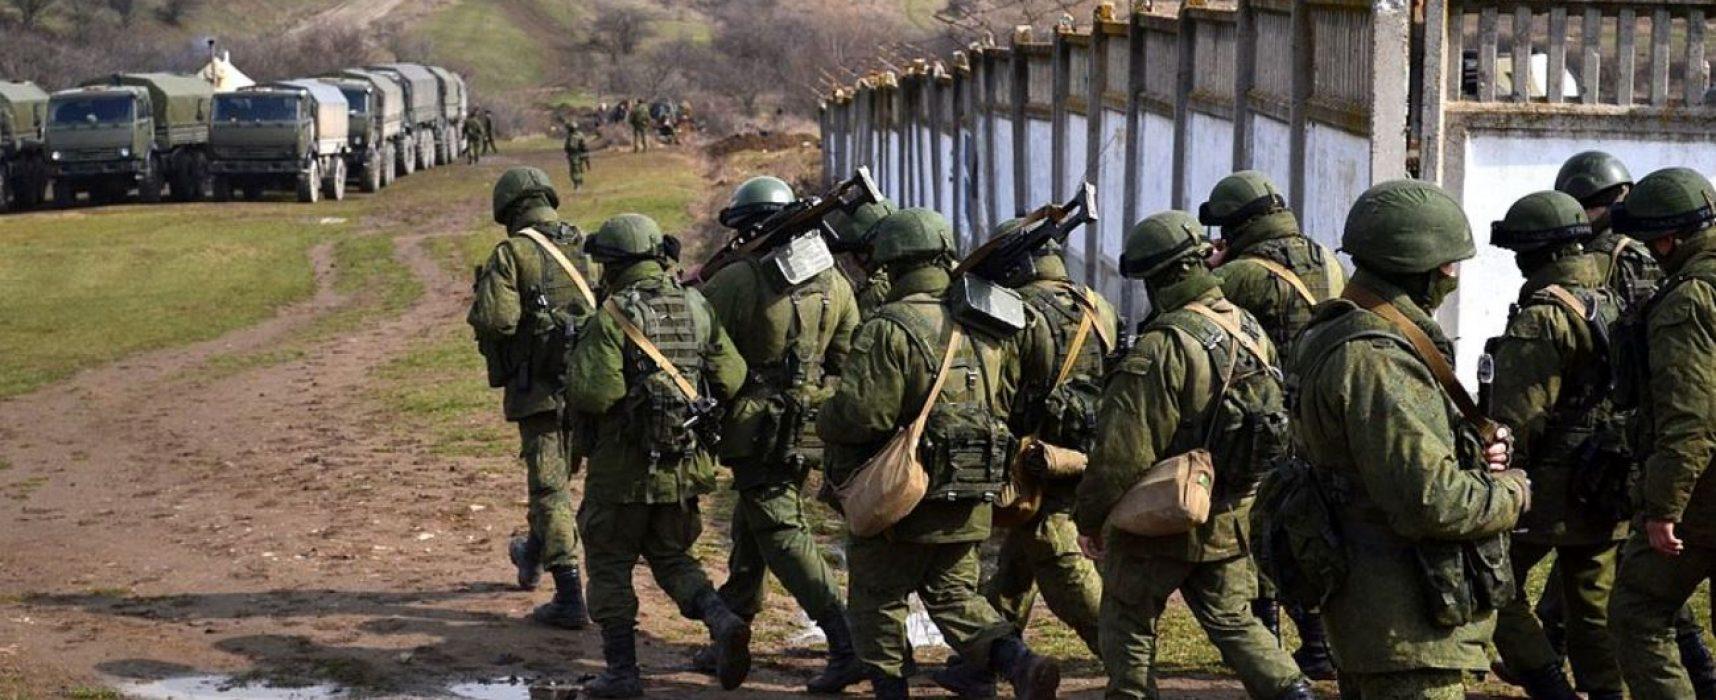 Little green men: the annexation of Crimea as an emblem of pro-Kremlin disinformation